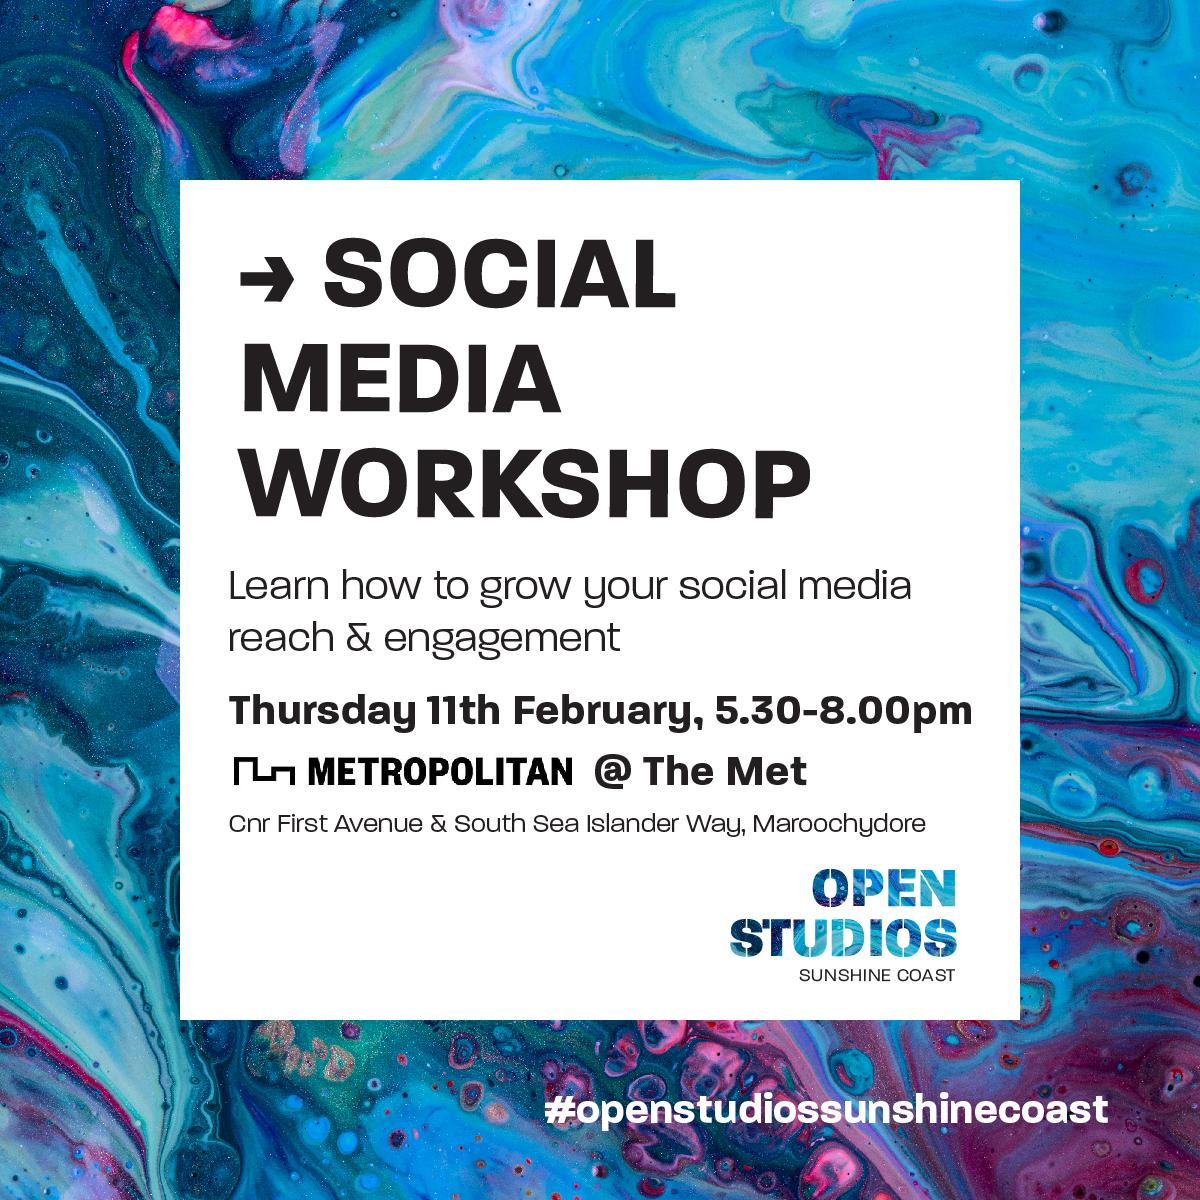 OS2021_Event_Social_Media_Workshop_1200x1200_FA